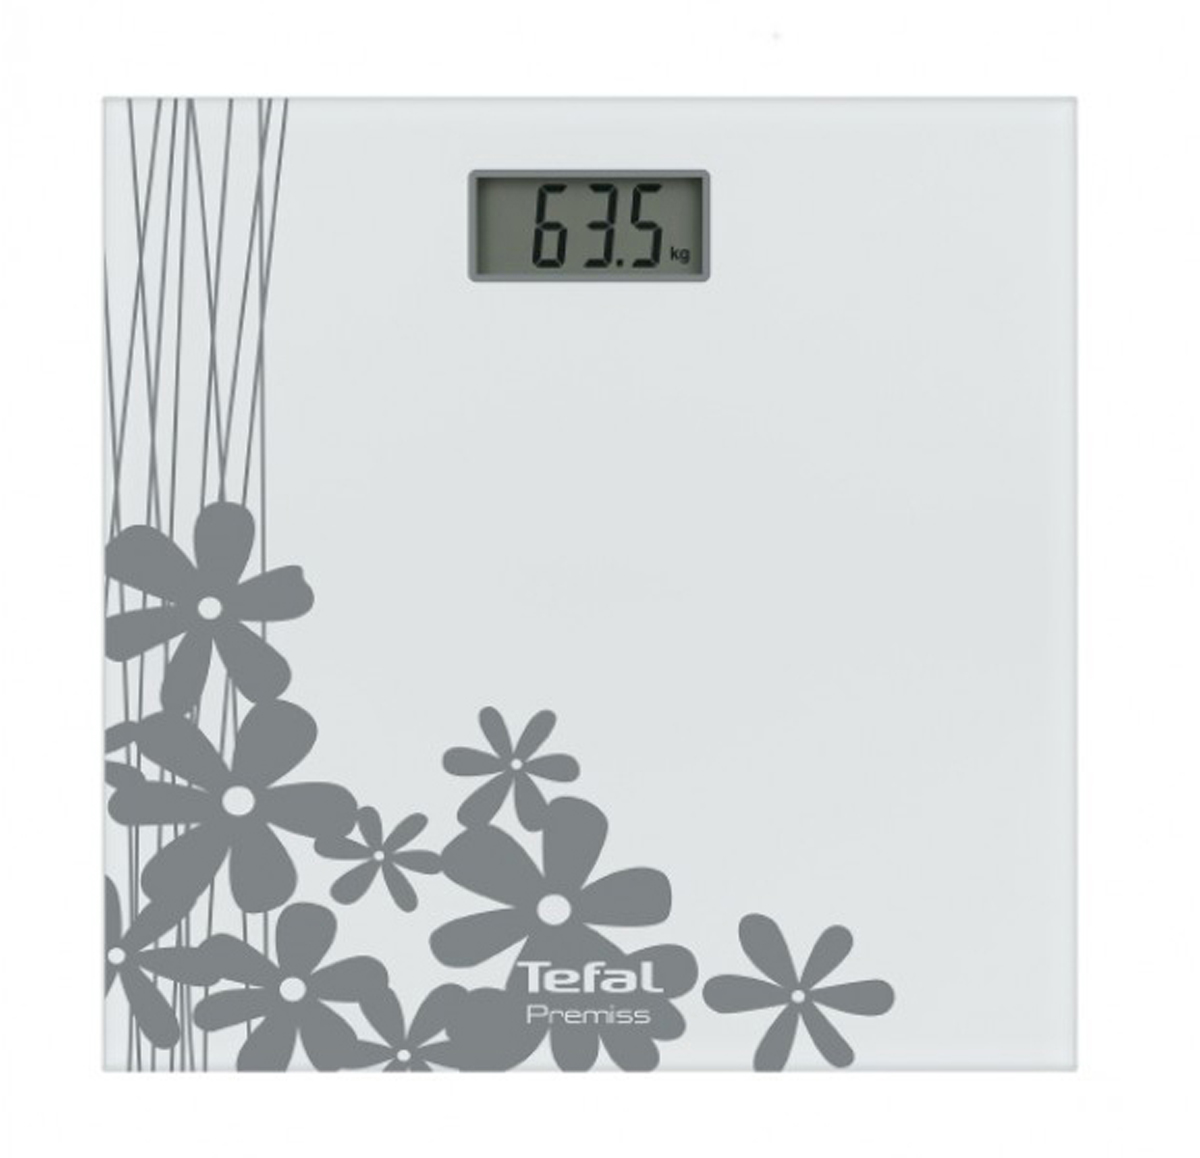 Tefal PP1070V0 весы напольныеPP1070V0Компактные и ультратонкие весы Tefal PP1070V0 превосходно дополнят любую ванную комнату благодаря своим размерам и лаконичному дизайну.Основа выполнена из прочного закаленного стекла, которое легко и просто моется. На широком удобном дисплее благодаря функции автоматического включения вы сразу же увидите свой вес с точностью до 100 г.Автоматическое включение: просто встаньте на весы, и они сами включатся. Автоматическое отключение: весь выключатся после 10 секунд неиспользования.